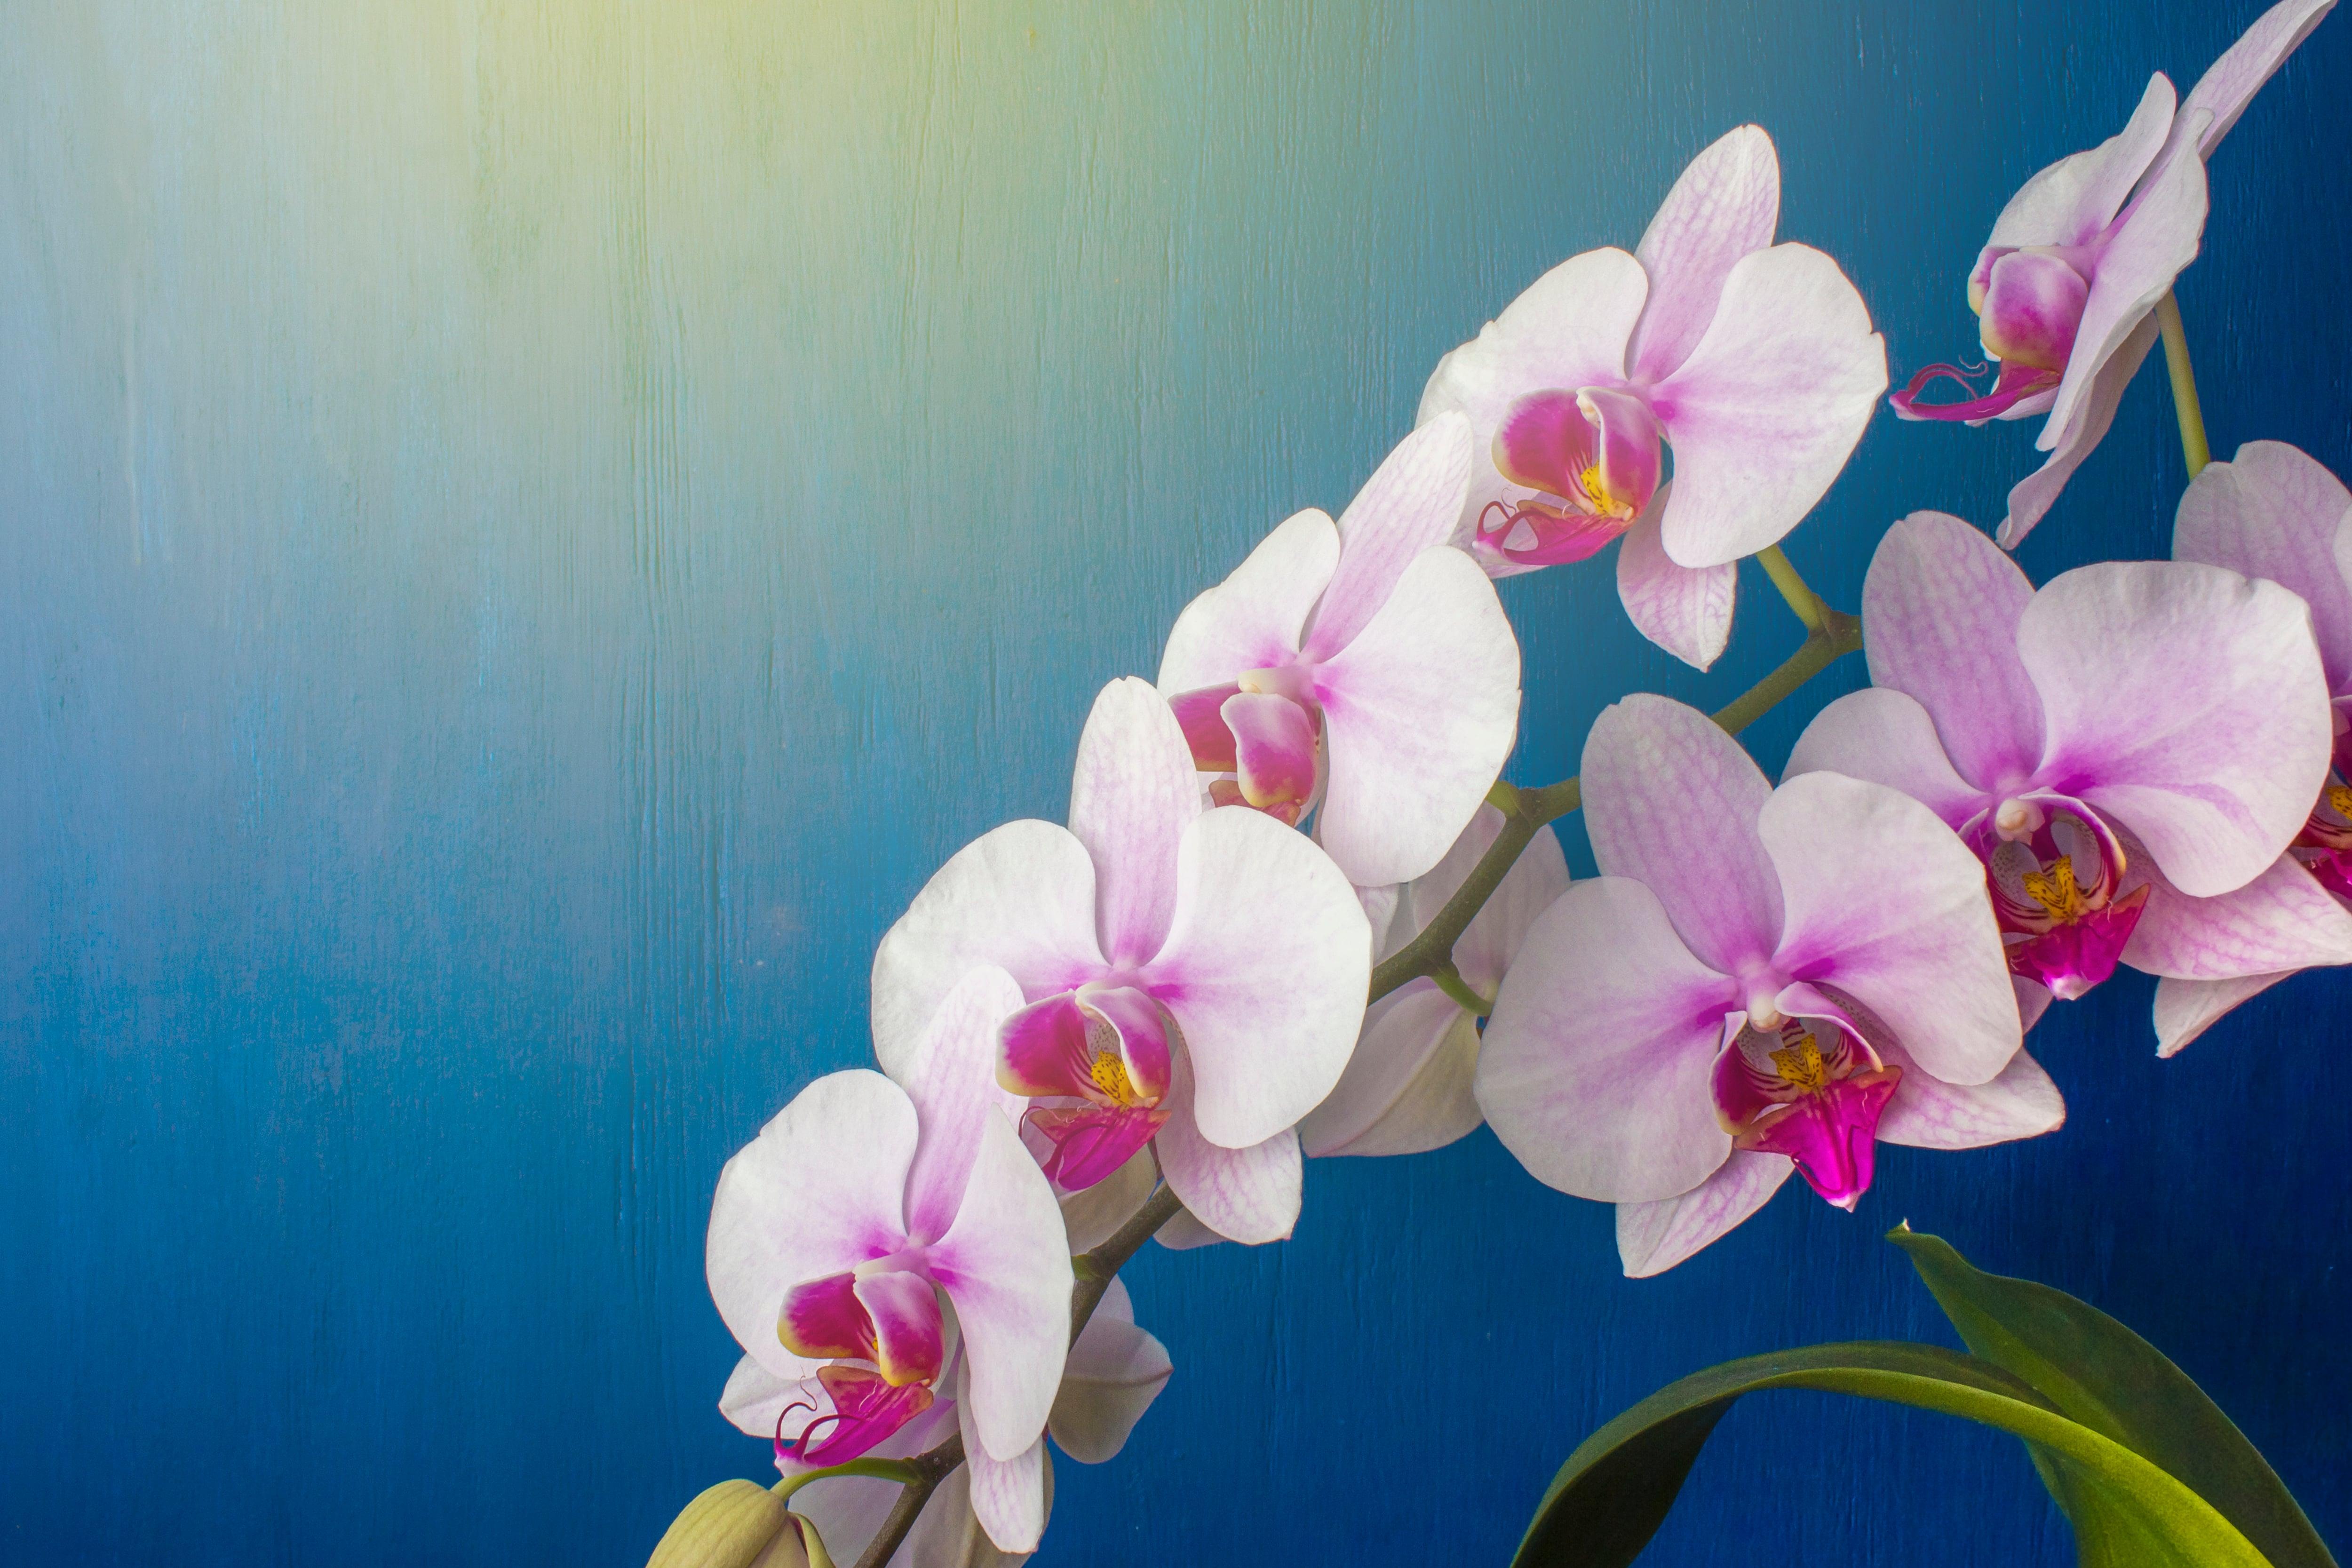 桃色の胡蝶蘭